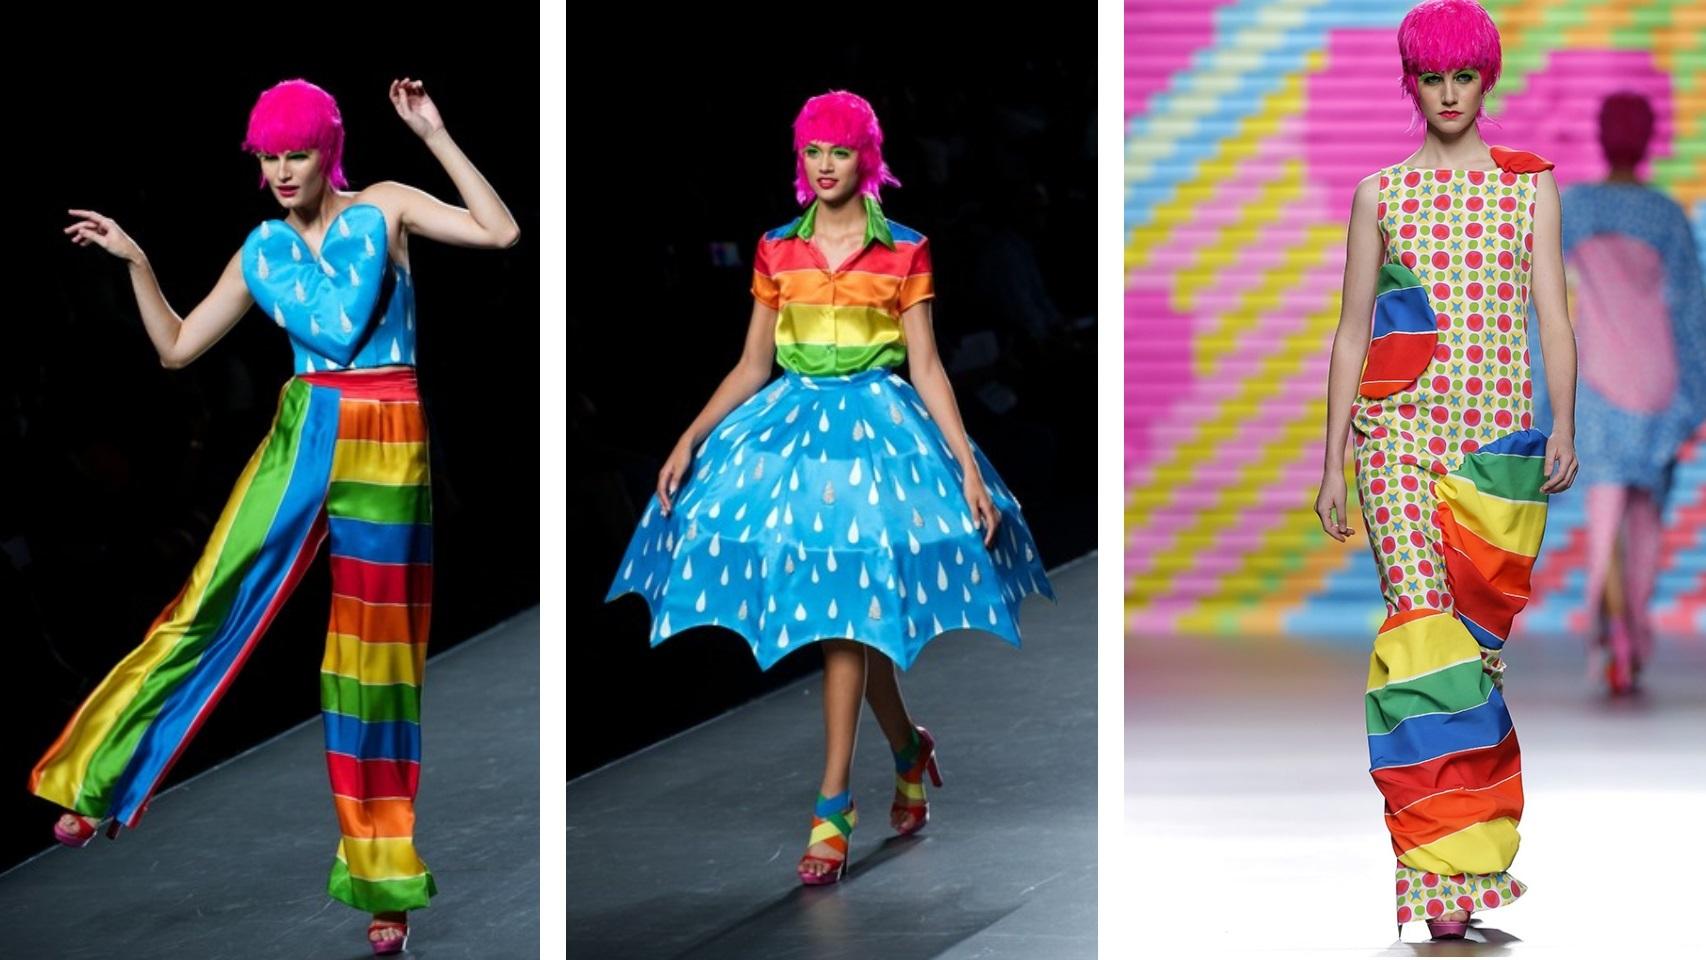 Modelos de Agatha Ruiz de la Prada de la colección Primavera/ Verano 2015 inspirados en la lluvia y arcoíris.